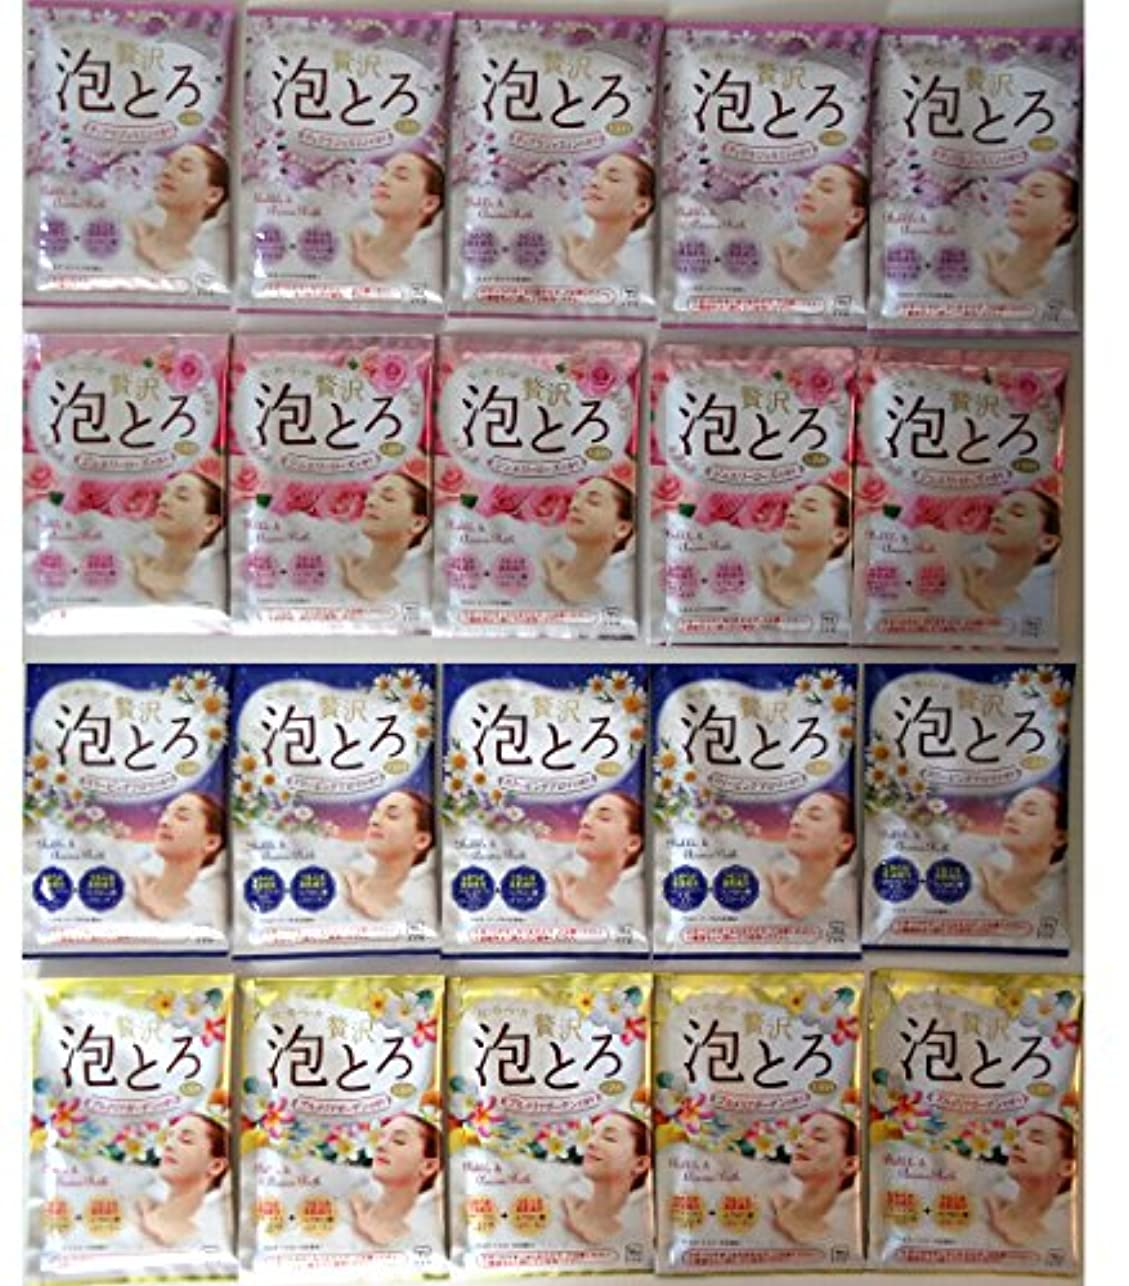 スローガン再生的南方のお湯物語 贅沢泡とろ 入浴料 30g x 4種20個セット